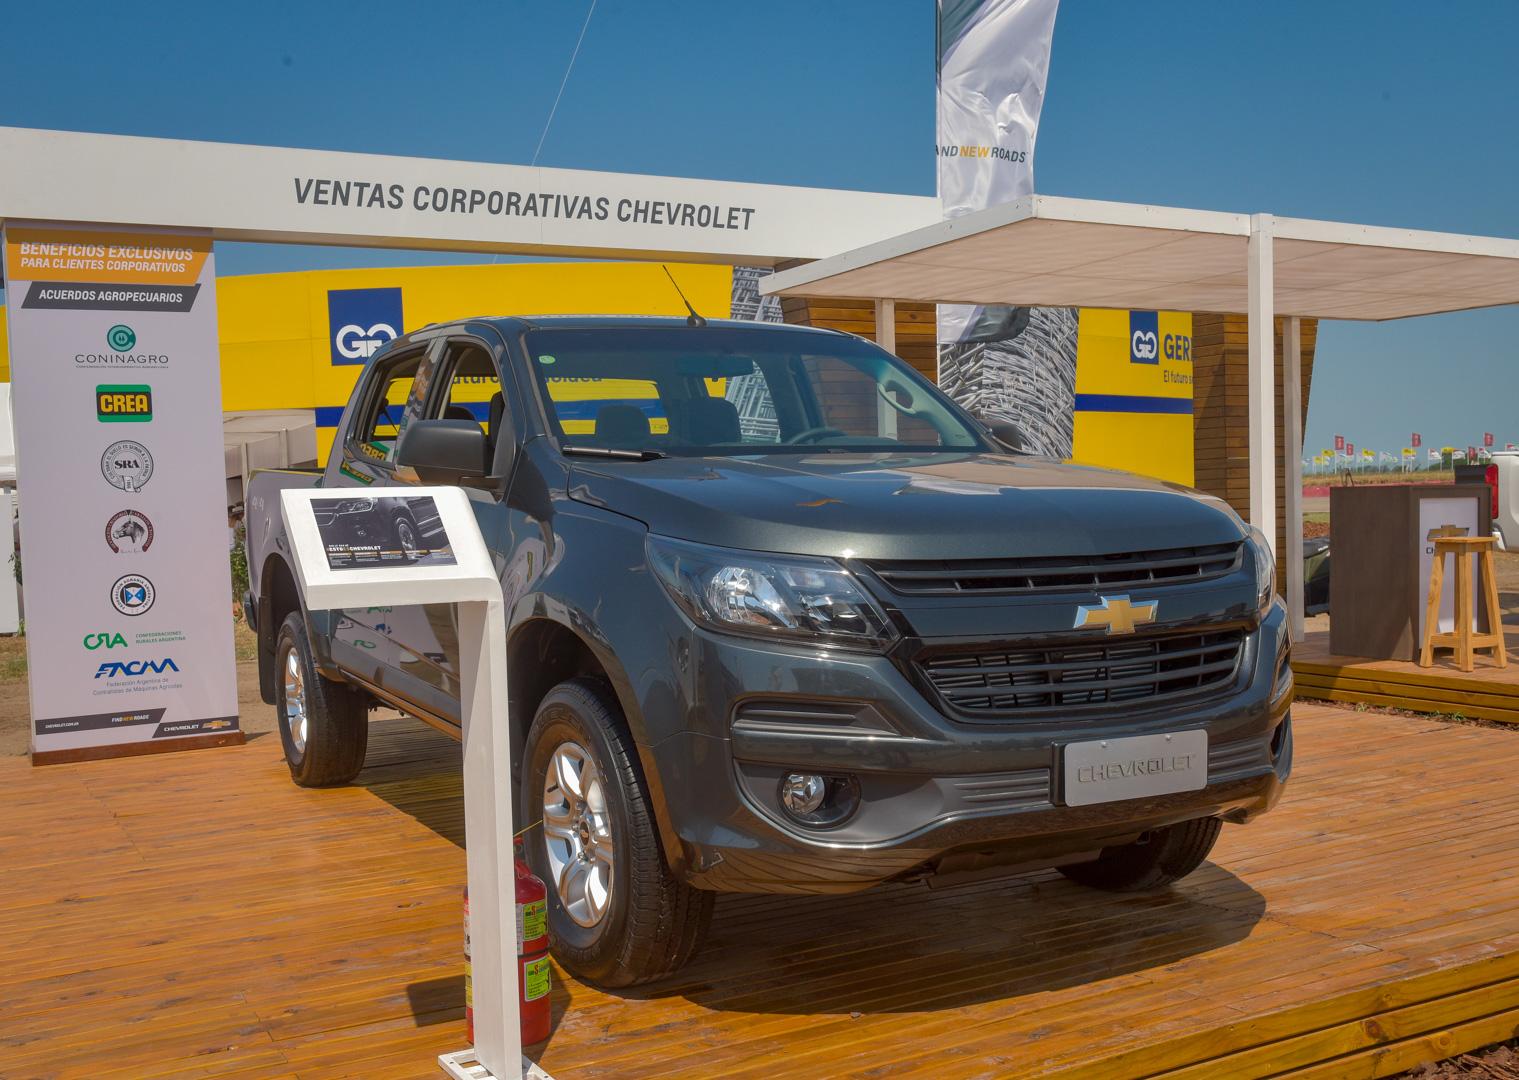 El stand de Chevrolet en Expoagro ofrece beneficios exclusivos y descuentos en servicios postventa 1